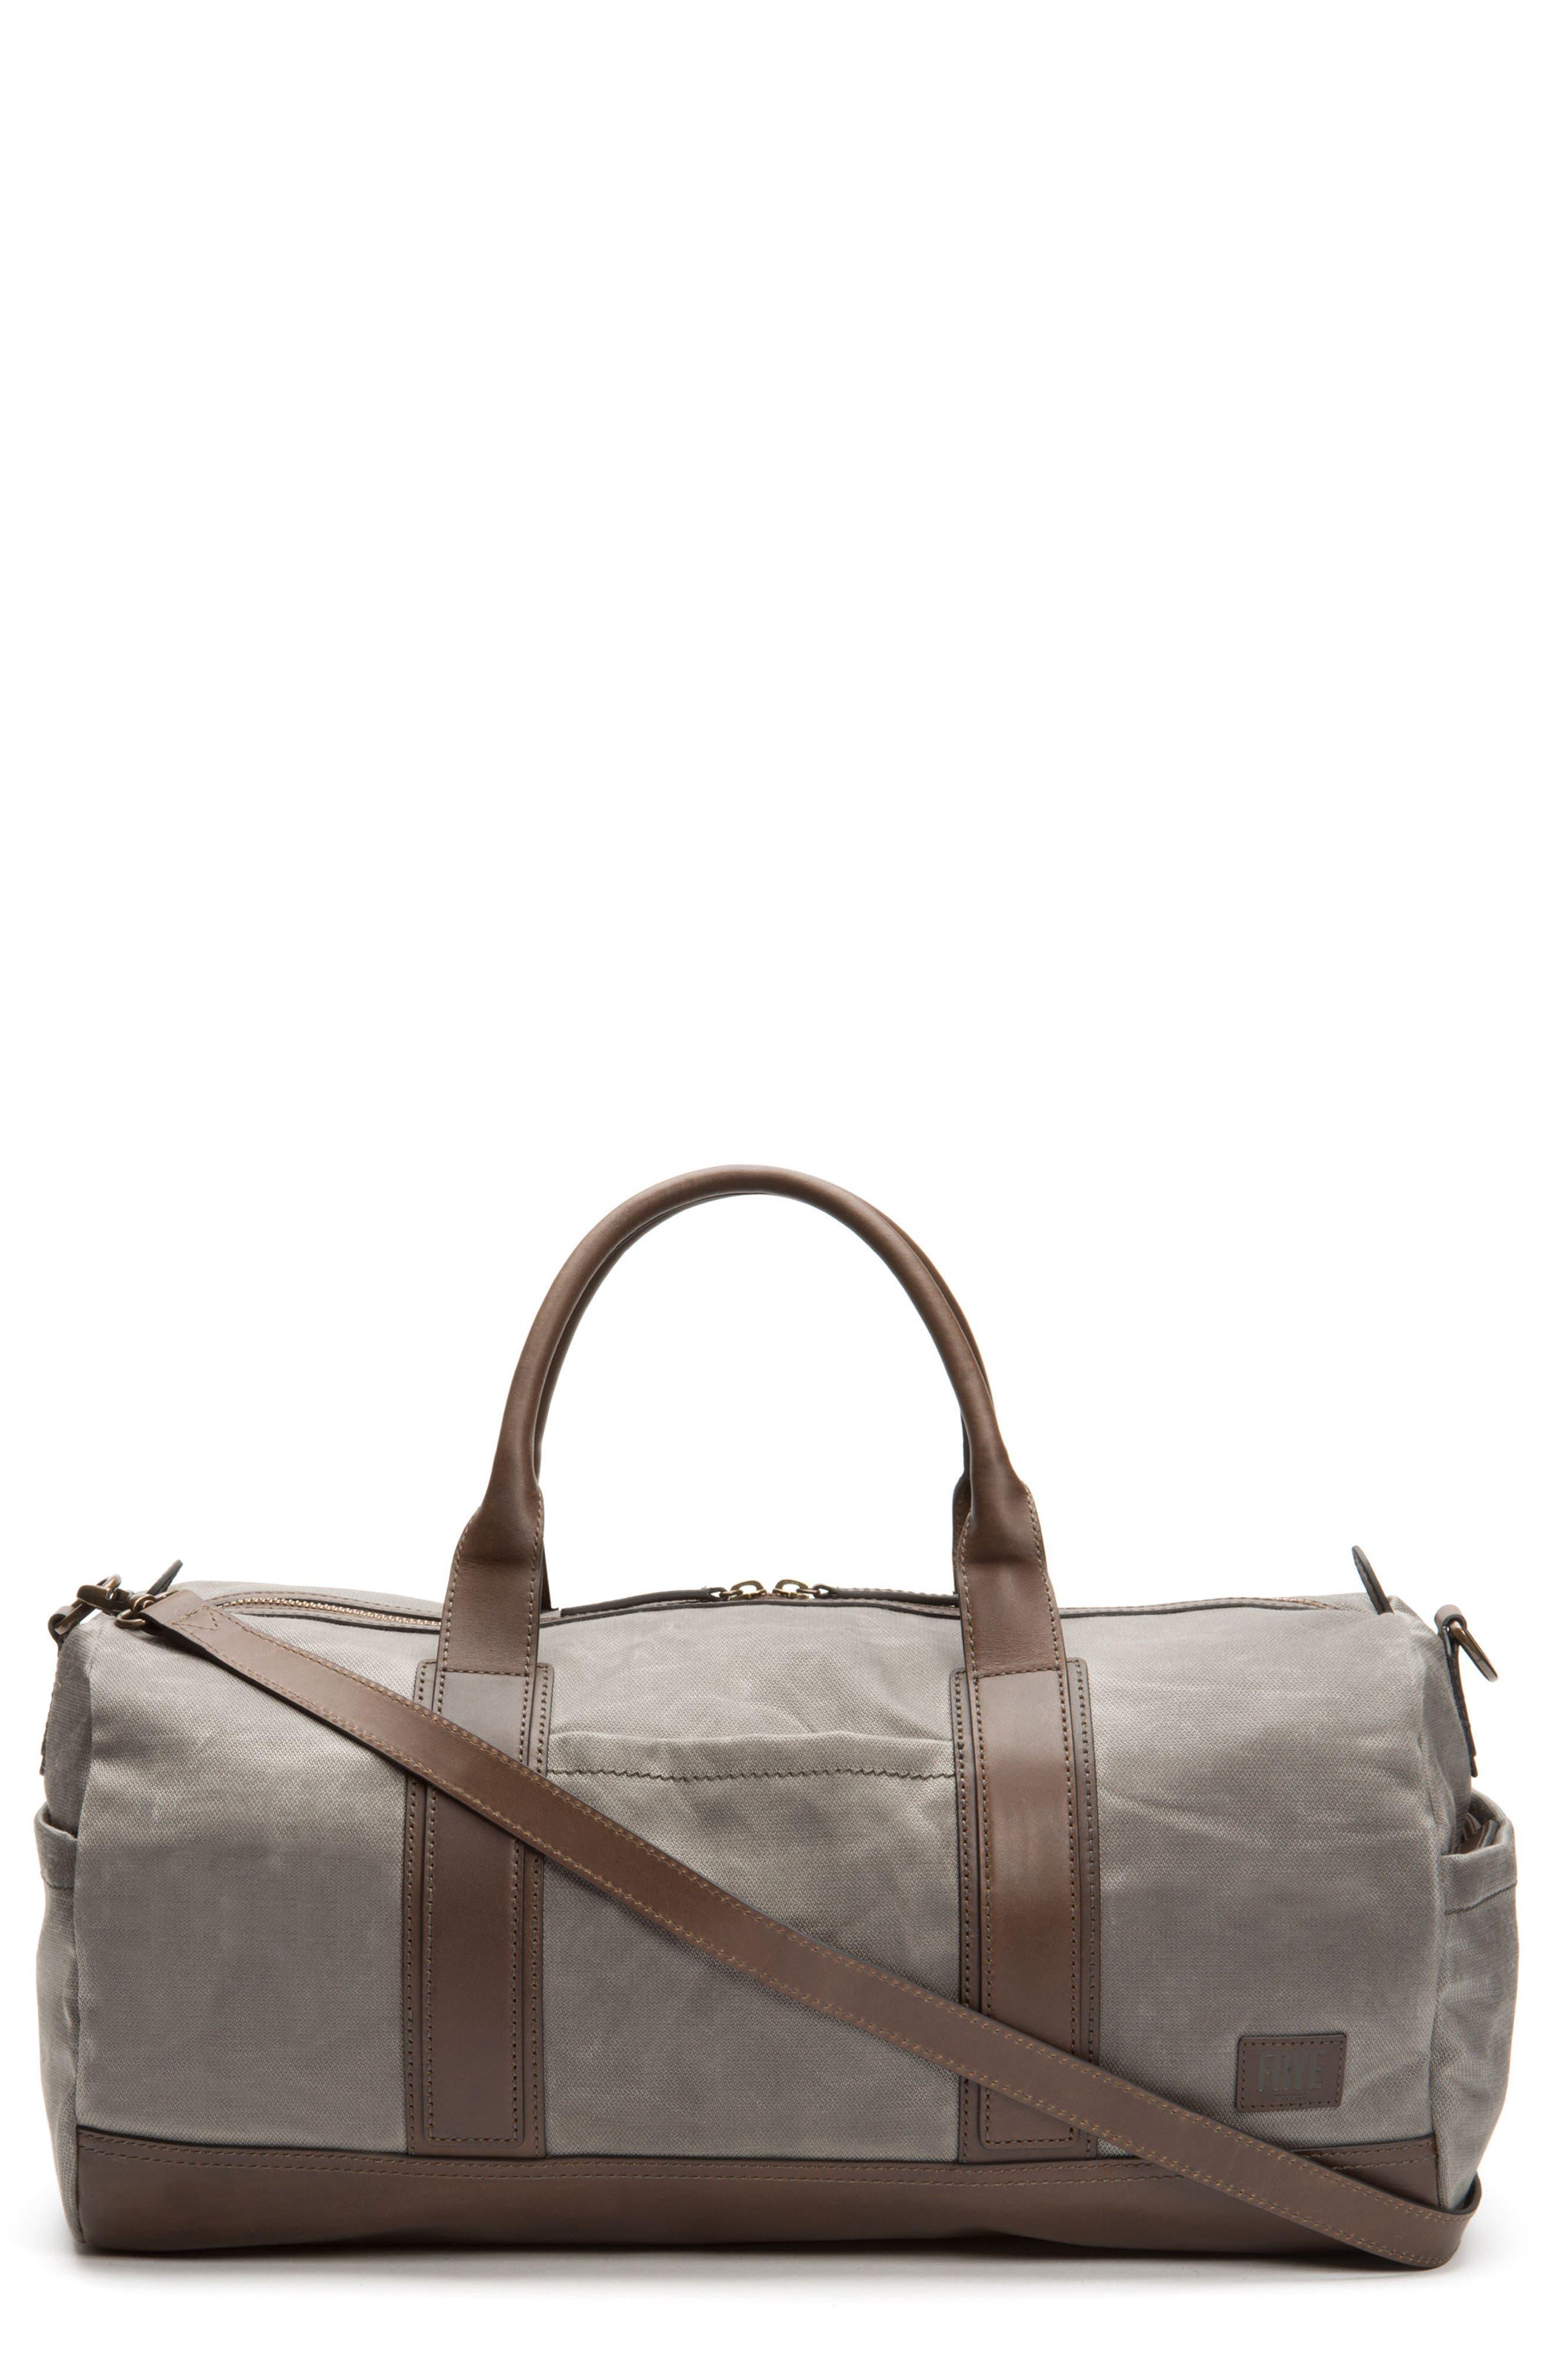 Carter Duffel Bag,                         Main,                         color, Slate